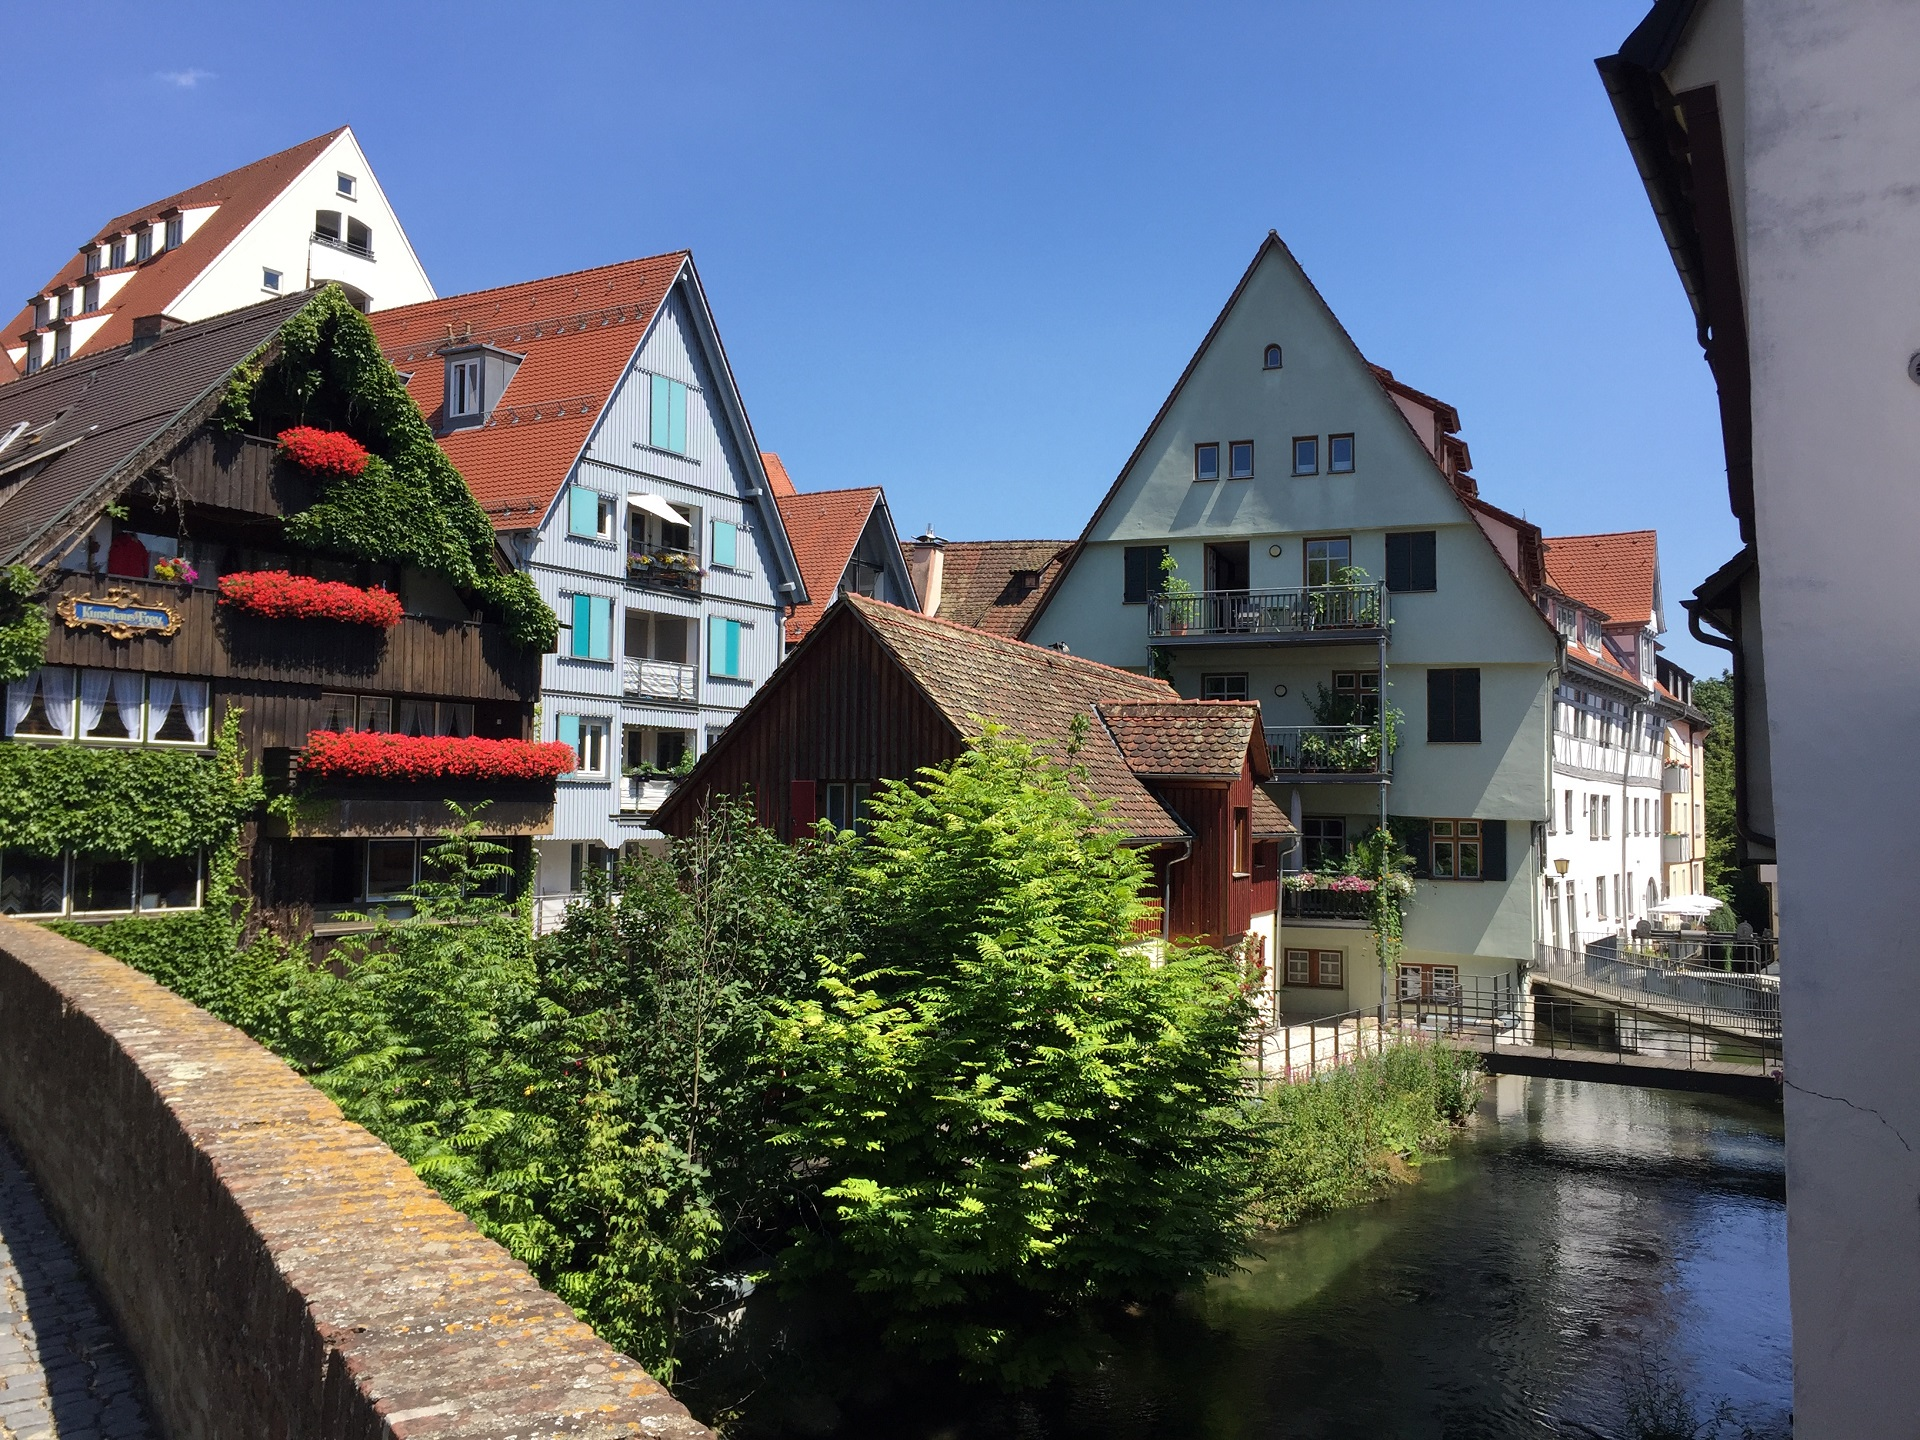 Ulmer Fischerviertel